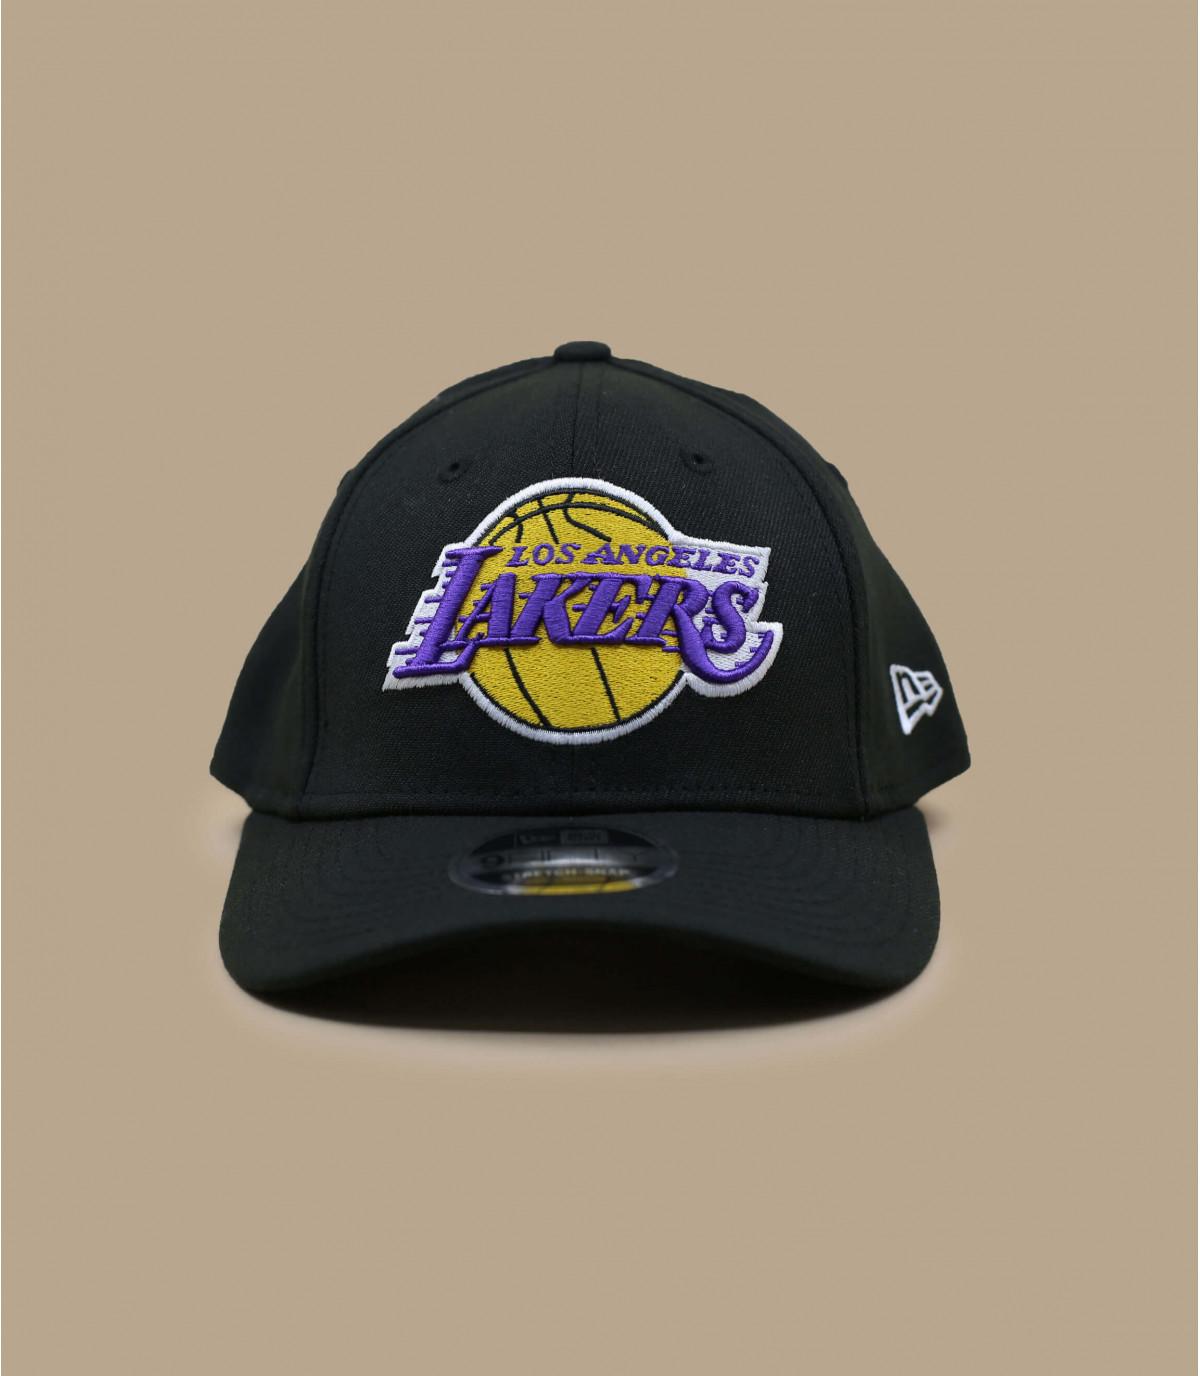 Détails Casquette Stretch Snap Lakerss 9Fifty - image 2